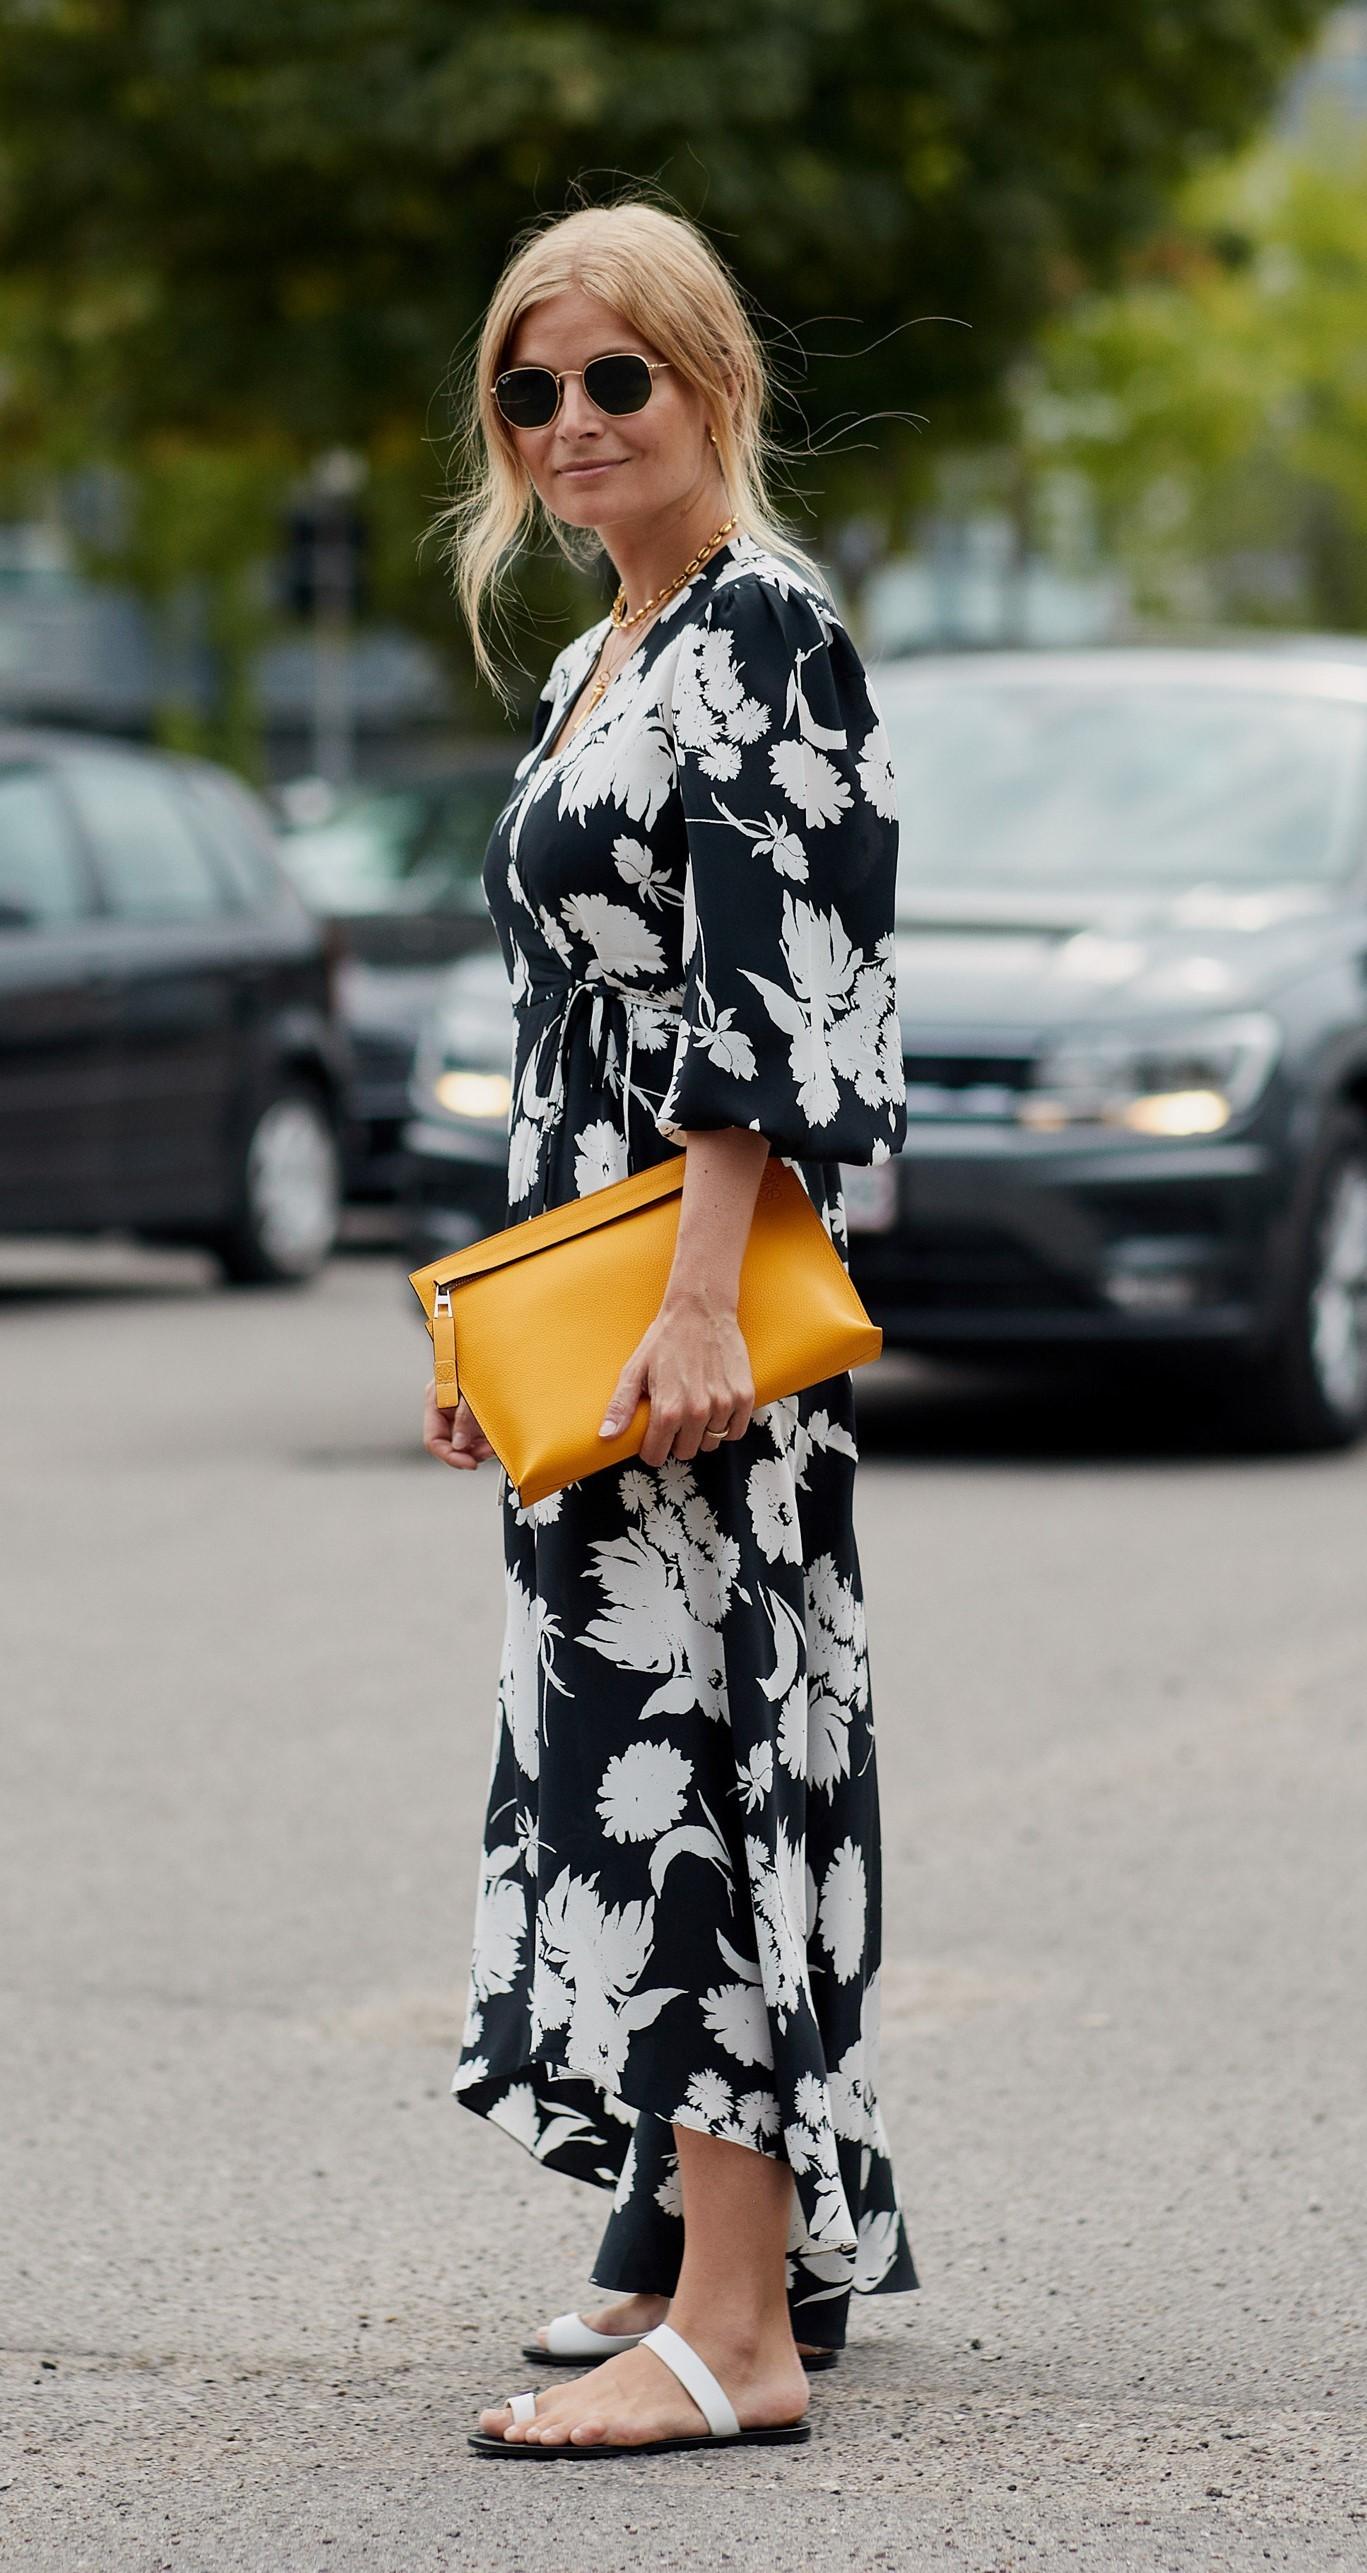 Vestido de flores bicolor.